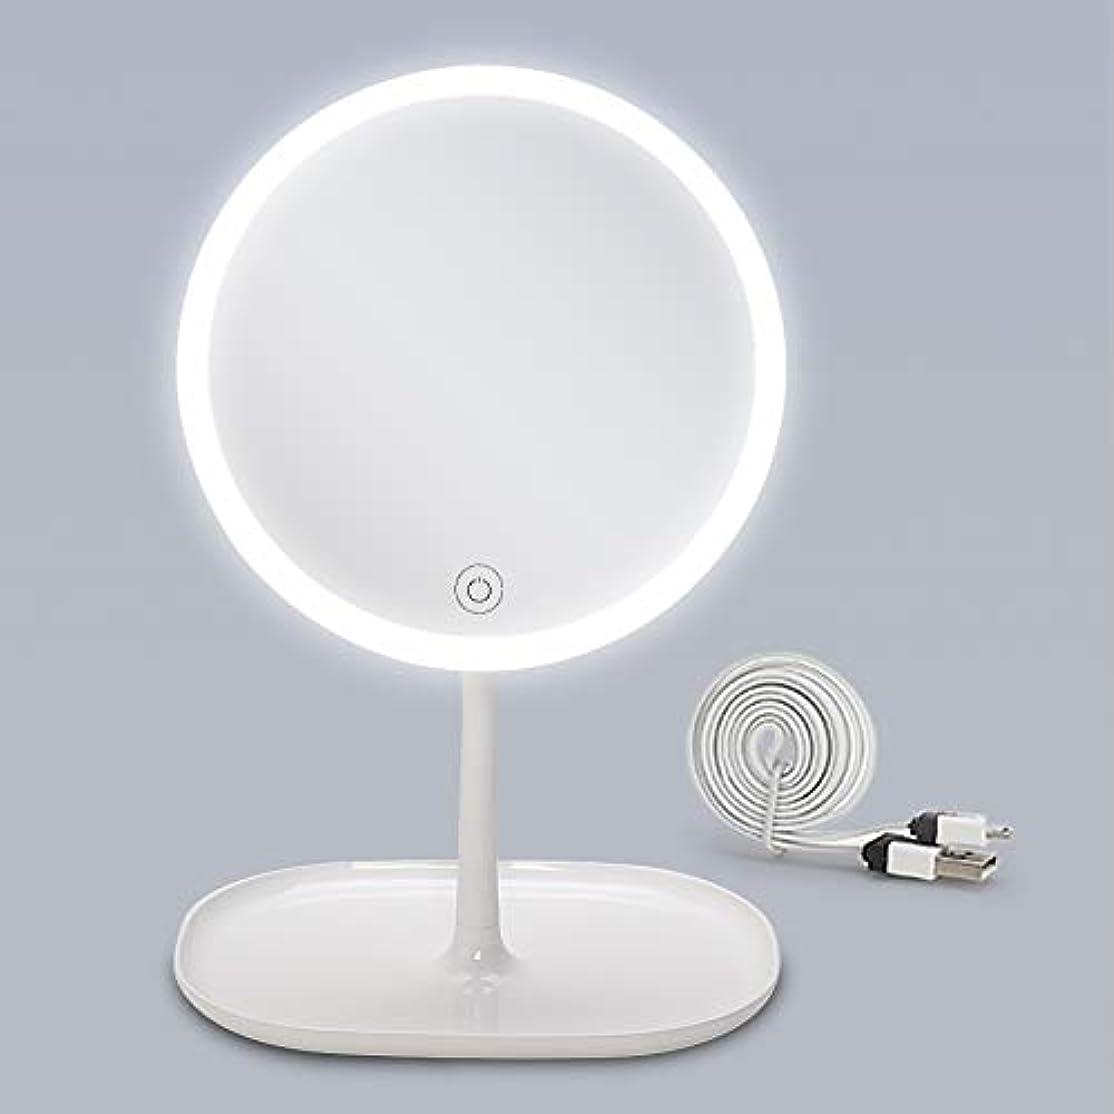 苦扱うアラート(セーディコ)Cerdeco 大きめLEDメイクアップミラー 自然な光 タッチパネルで3段階調光 便利なトレー 卓上鏡 スタンドミラー 昼光色/電球色/昼白色 USBケーブル付き 鏡面φ201mm